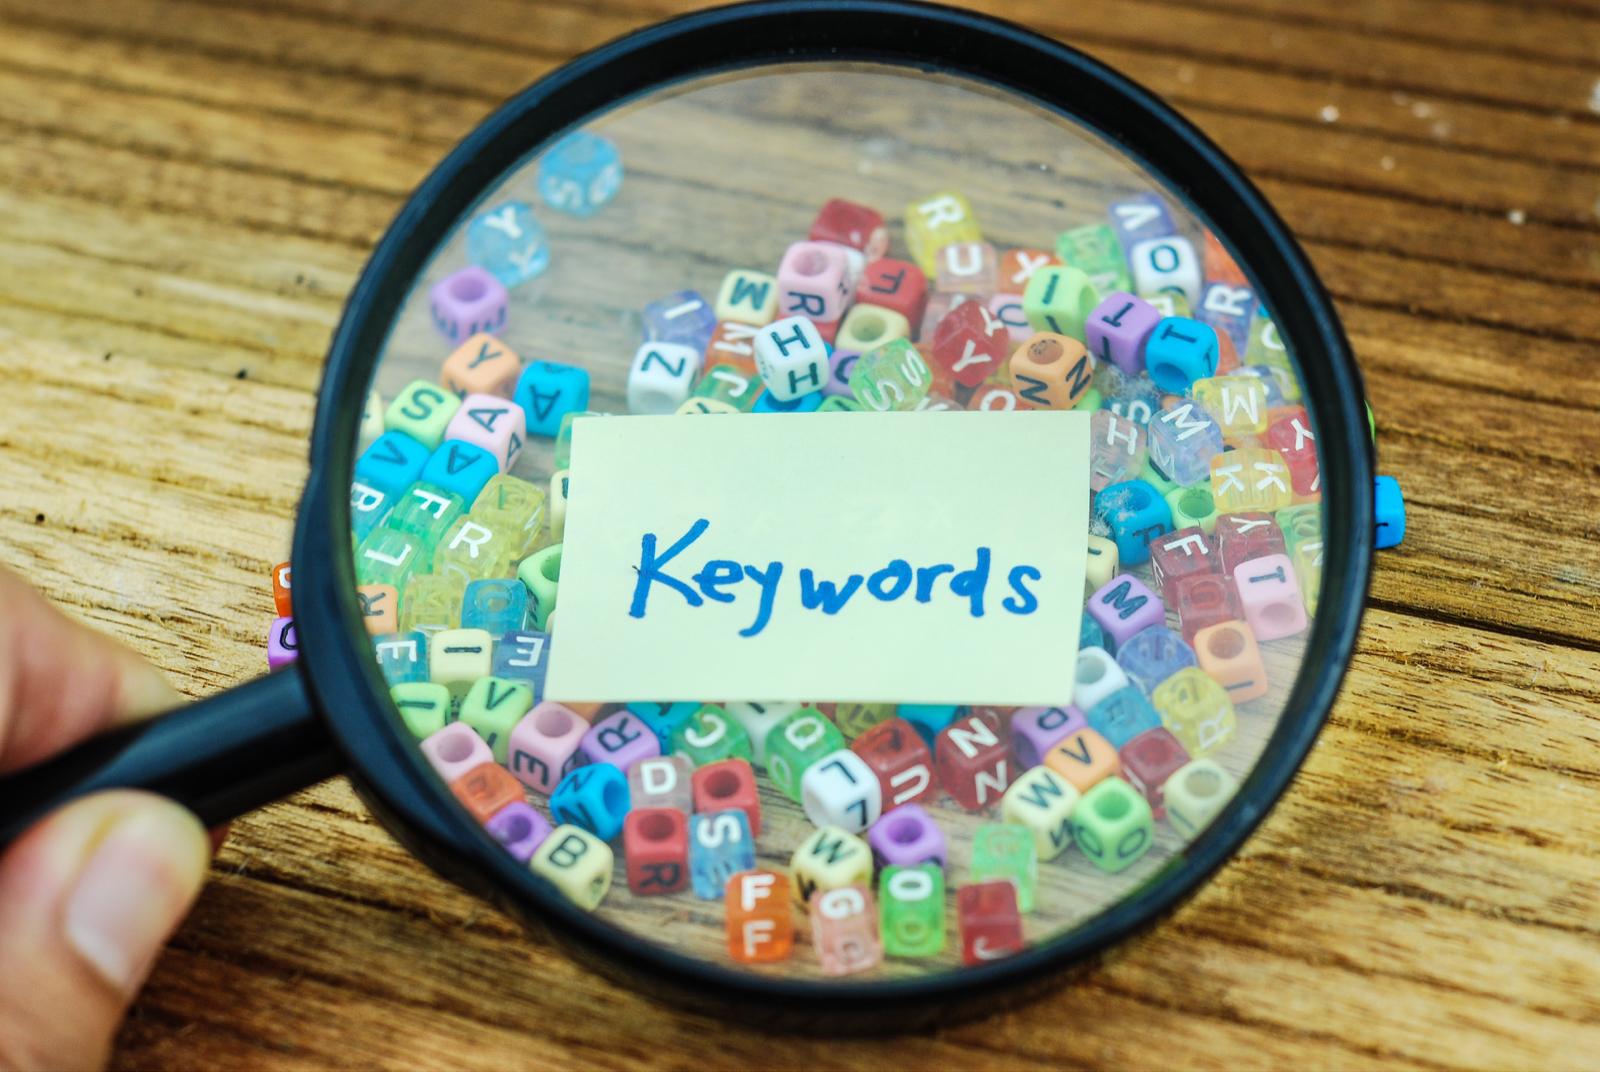 小さなブロックと、付箋に書かれた「Keywords」の文字。それを拡大する虫眼鏡。